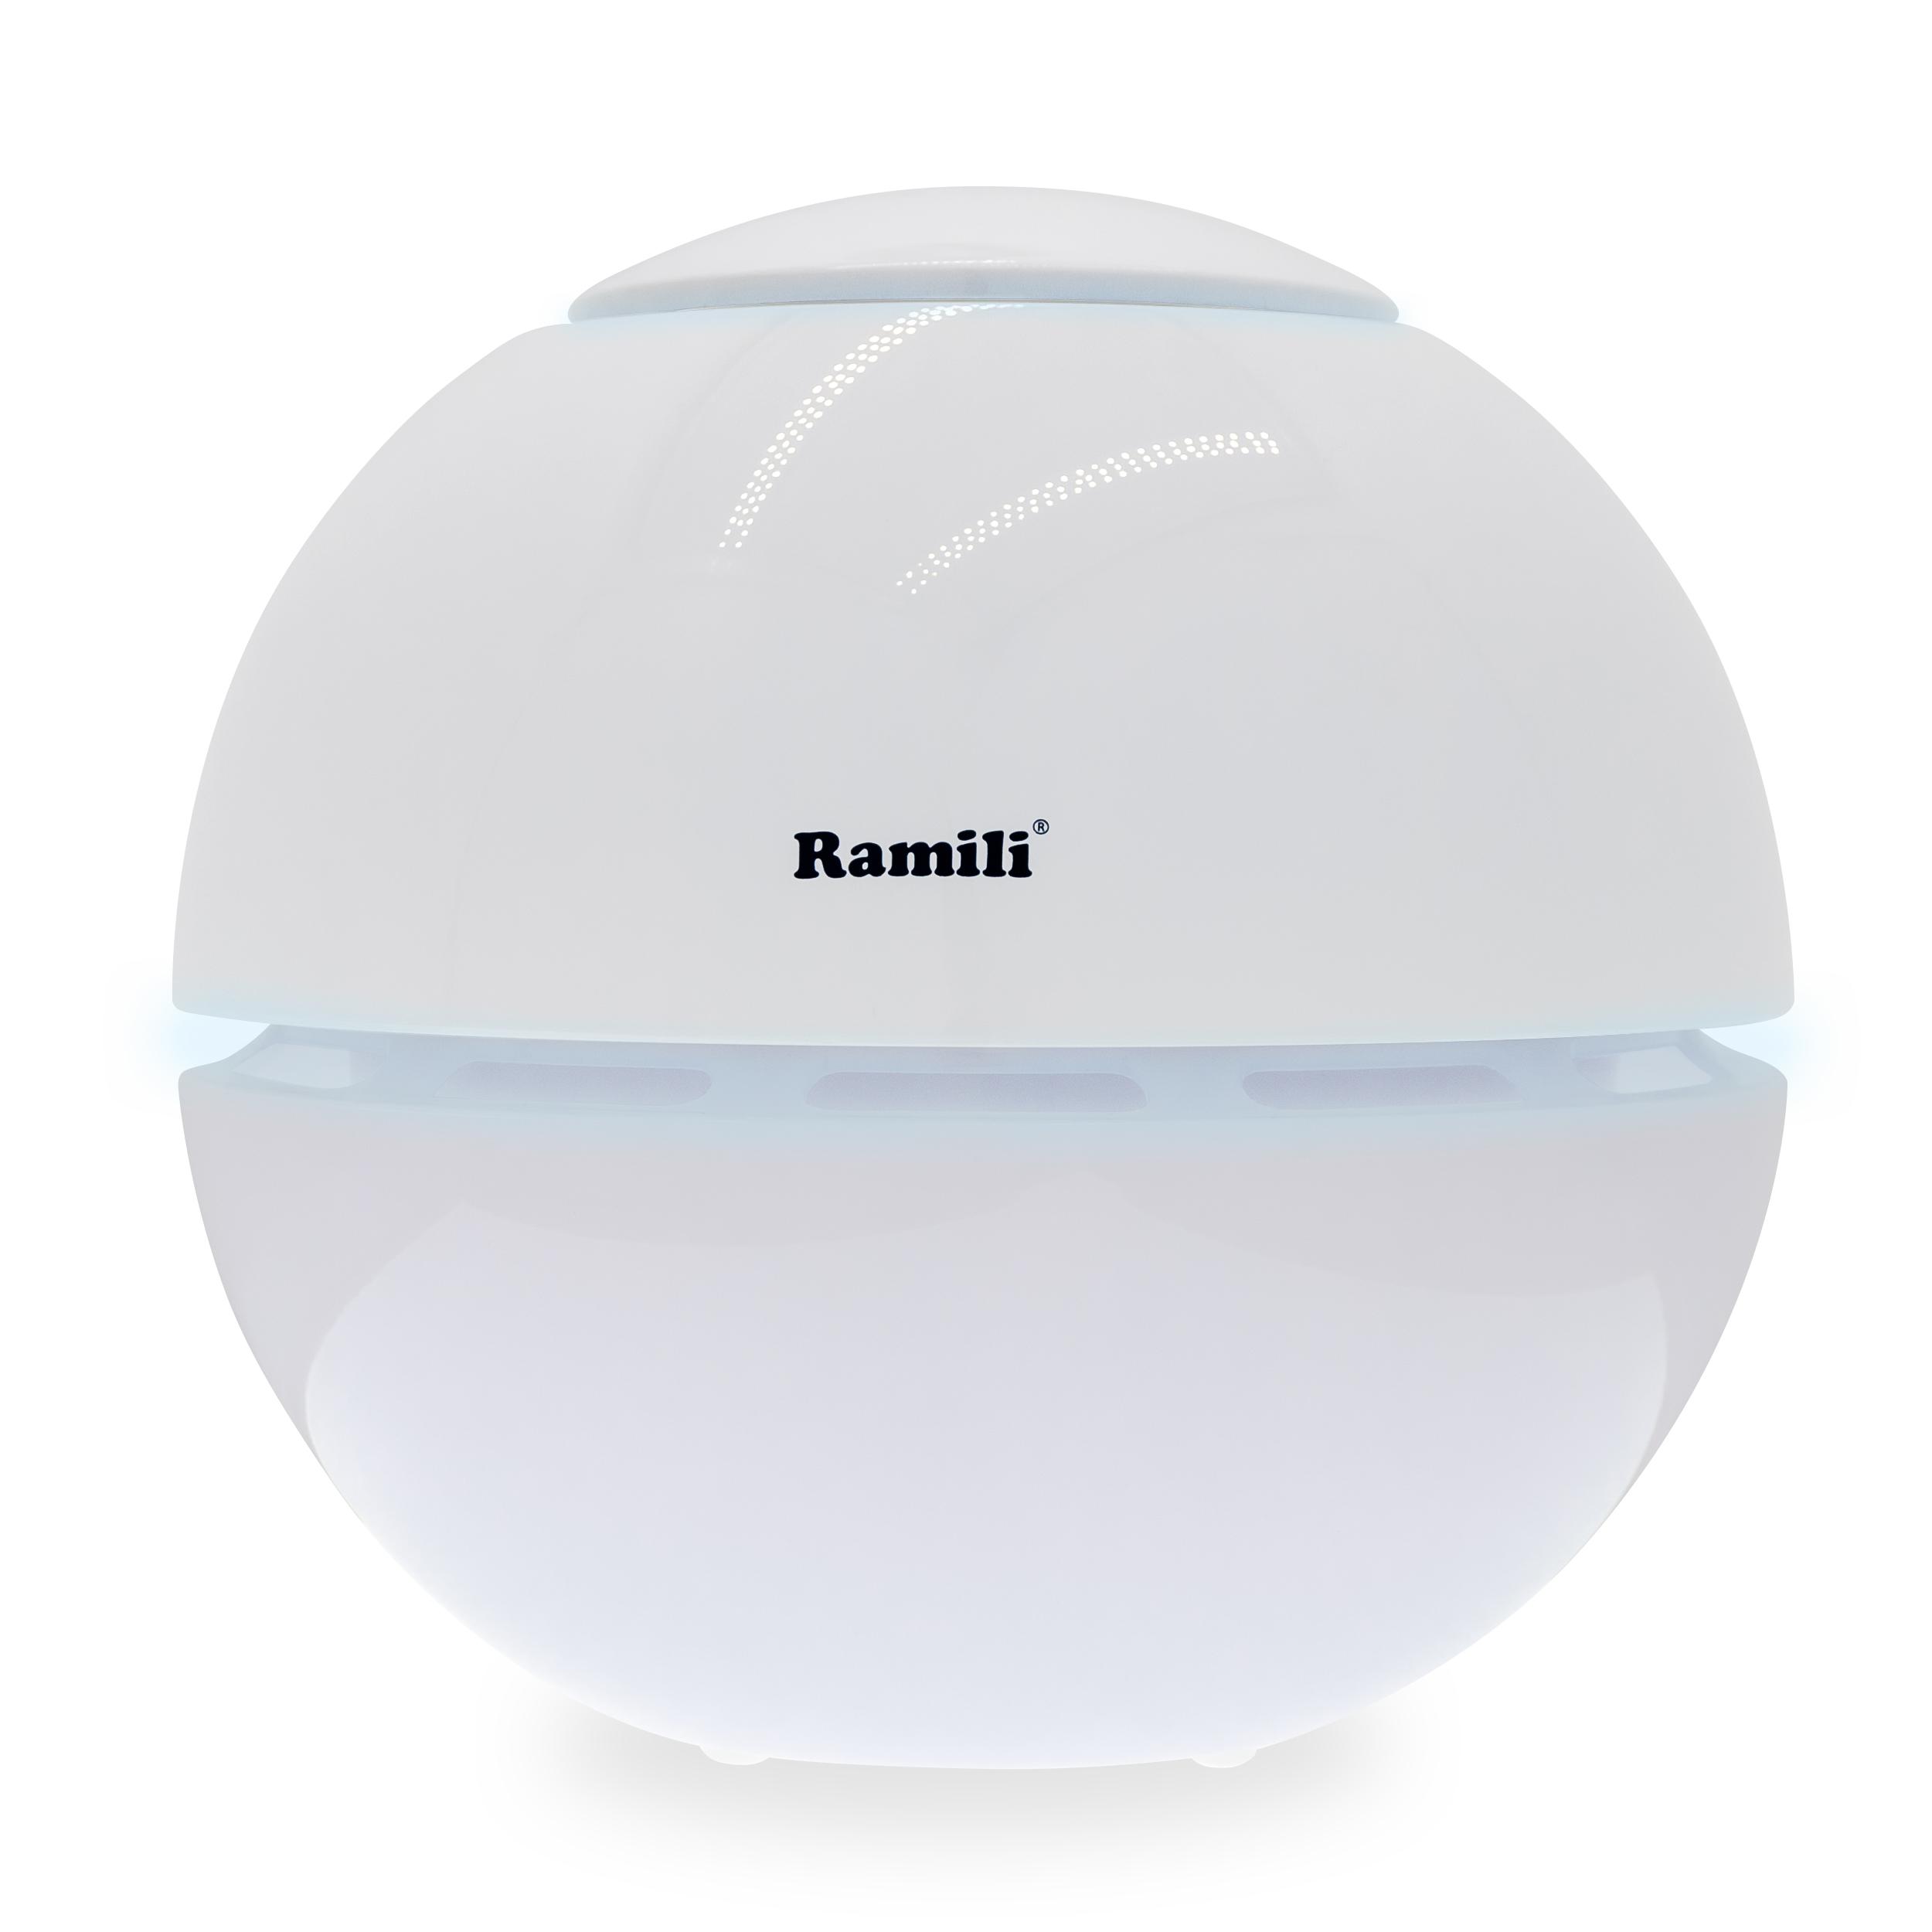 Ramili® Ultrasonic Air Humidifier AH800